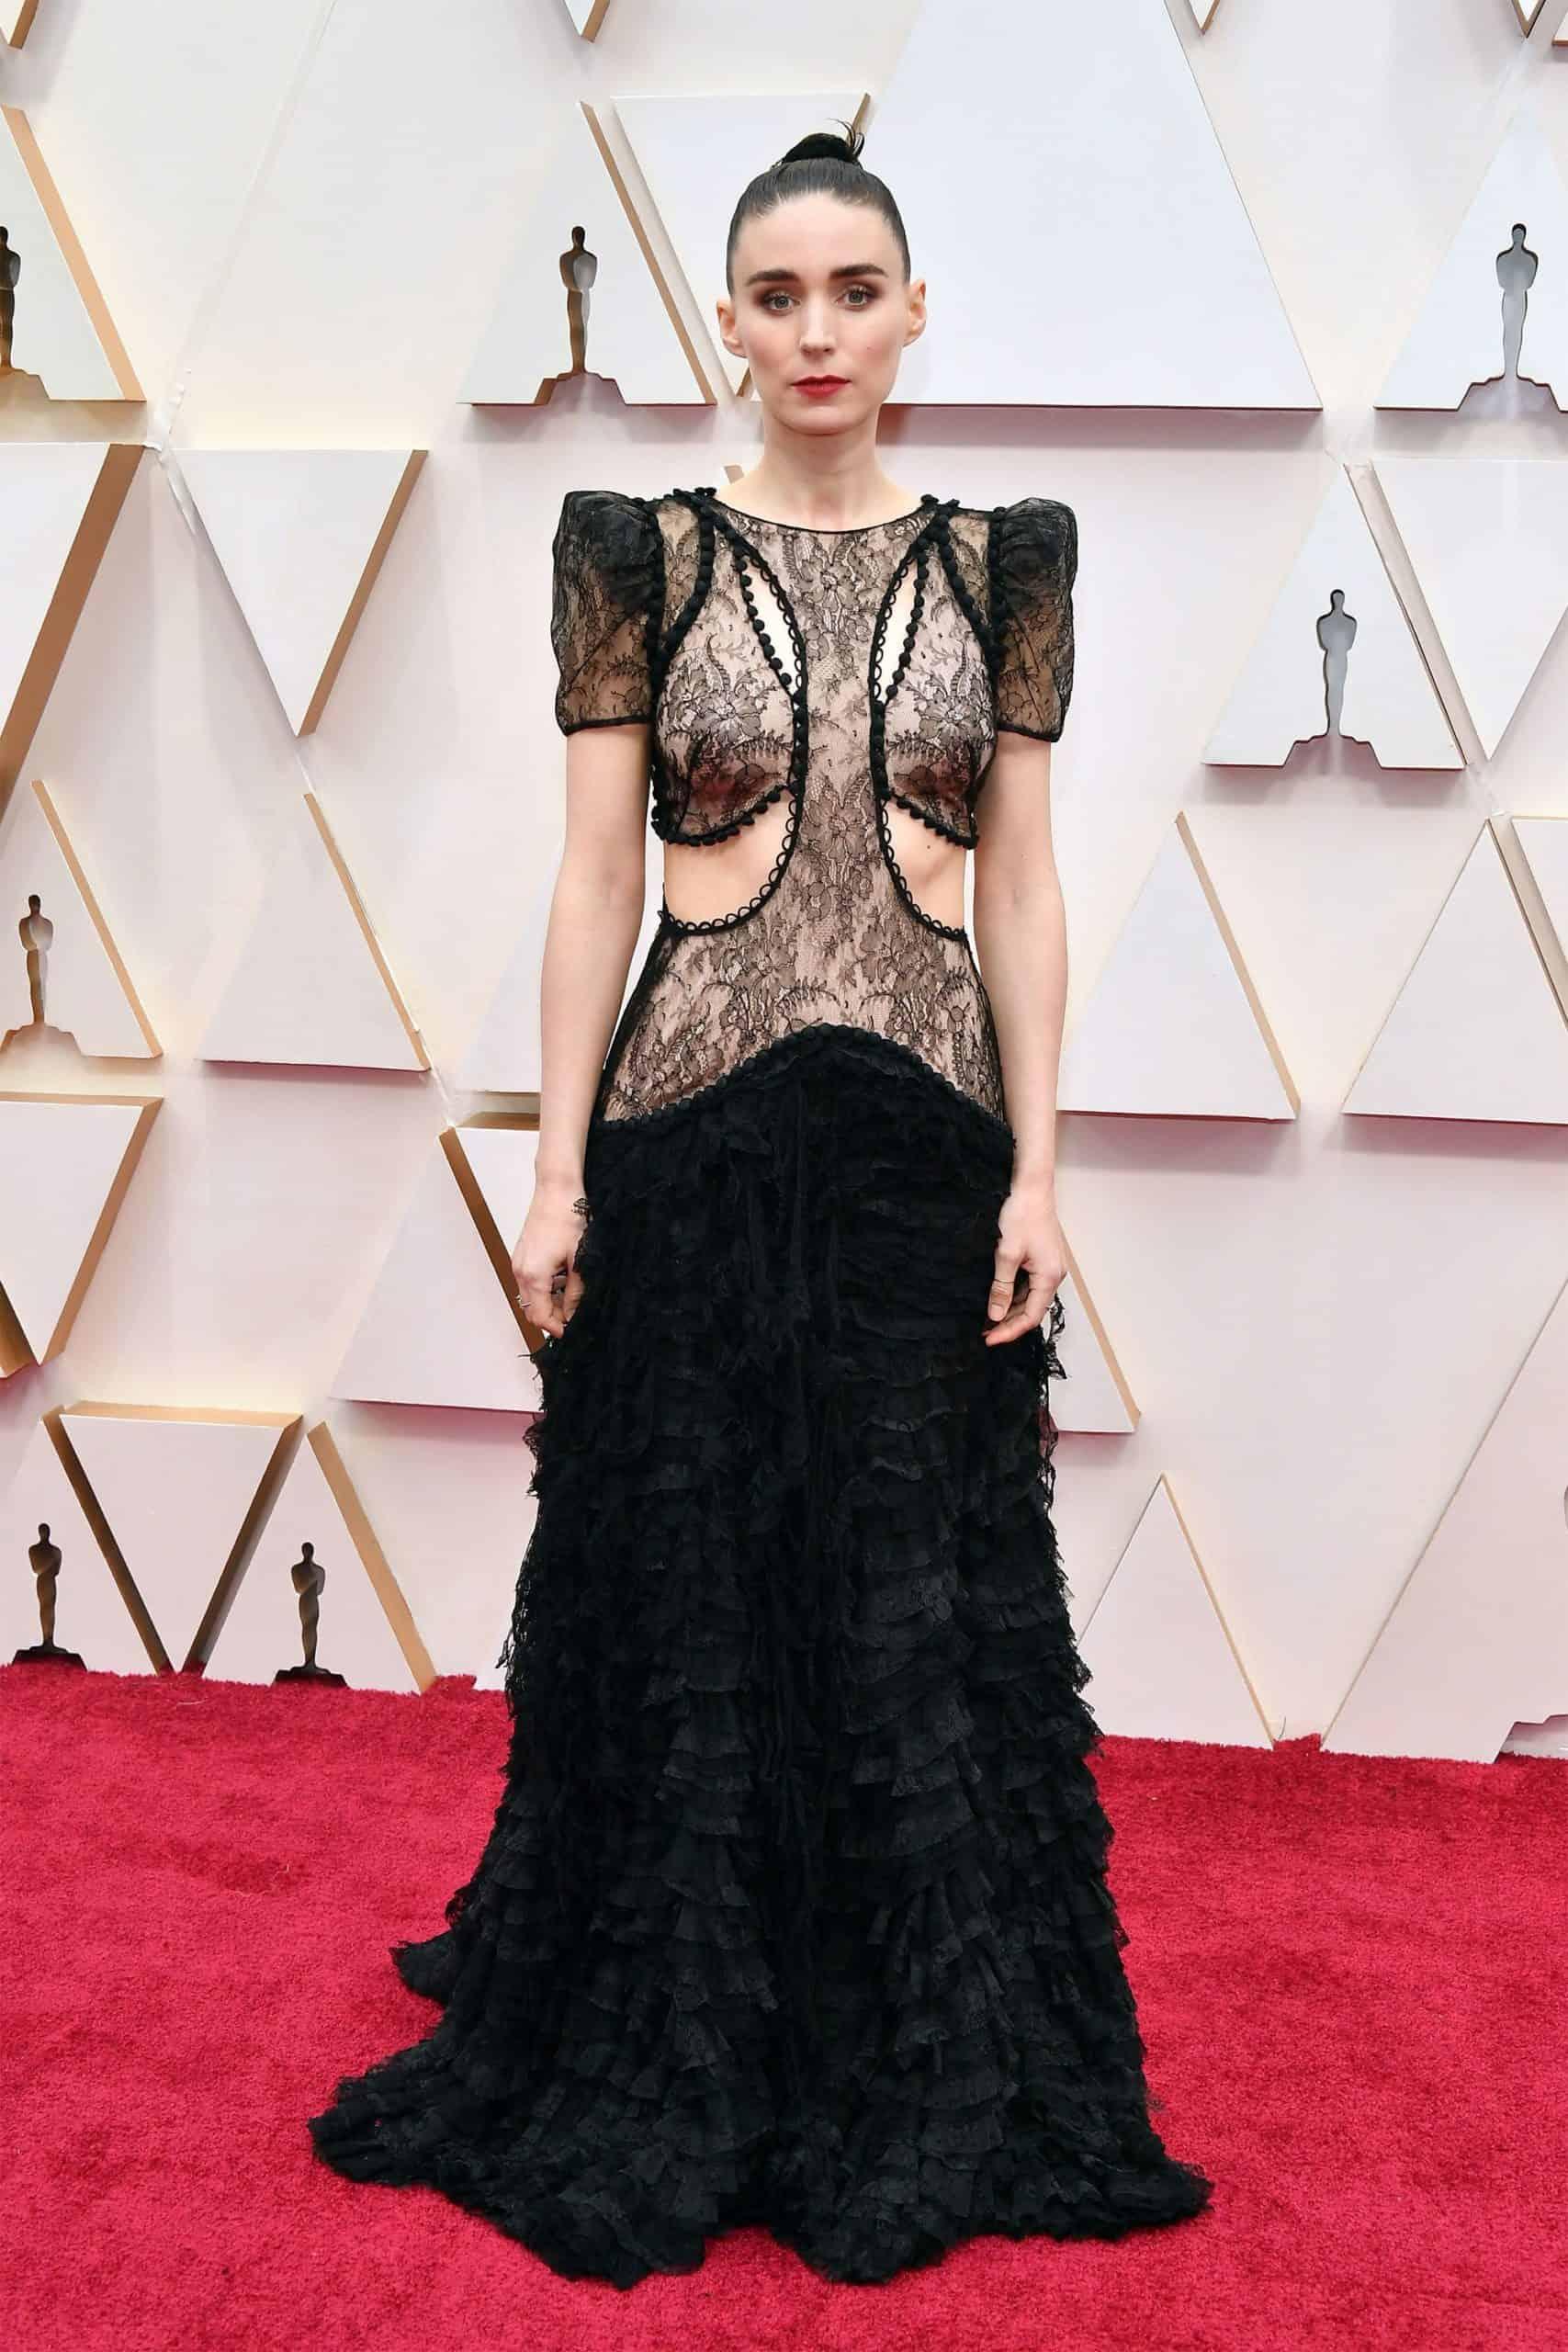 Rooney Mara Wearing Custom Alexander McQueen